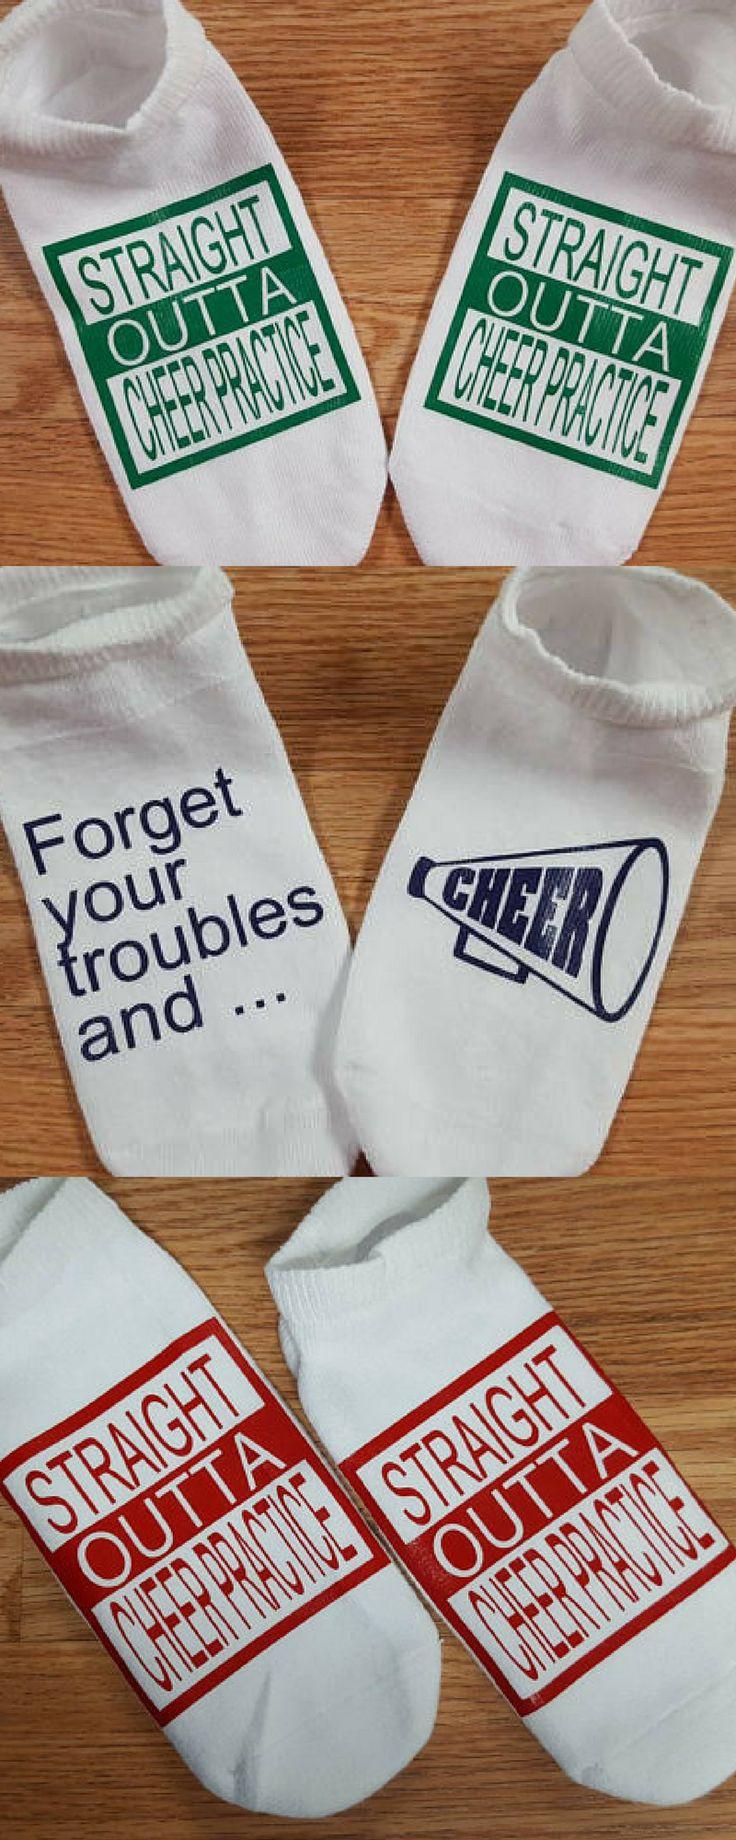 $6 custom cheer socks. Cheerleader gifts. Cheerleading practice socks. #cheerleading #ad